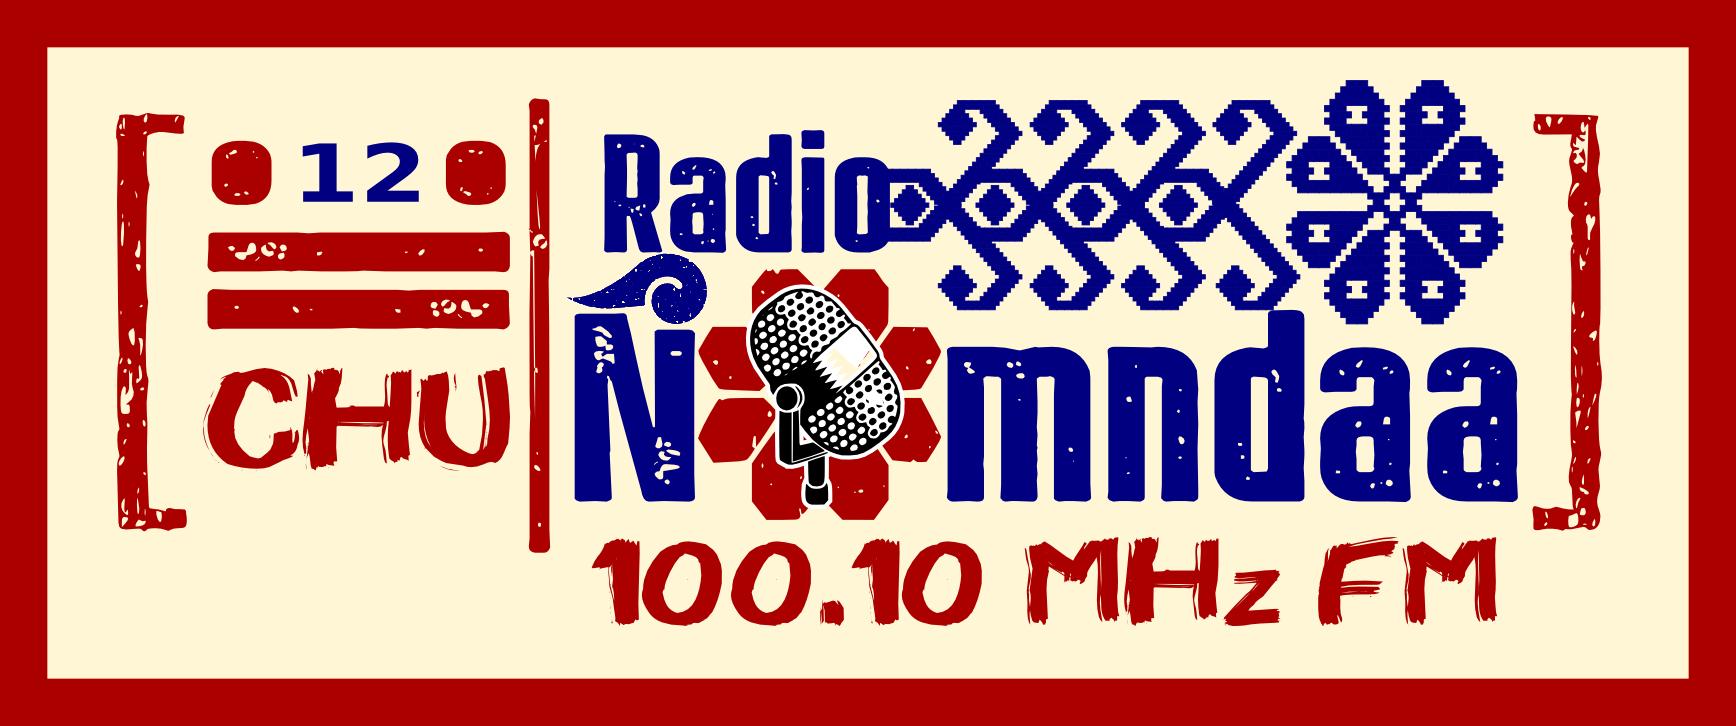 12-chu-radio-nomndaa